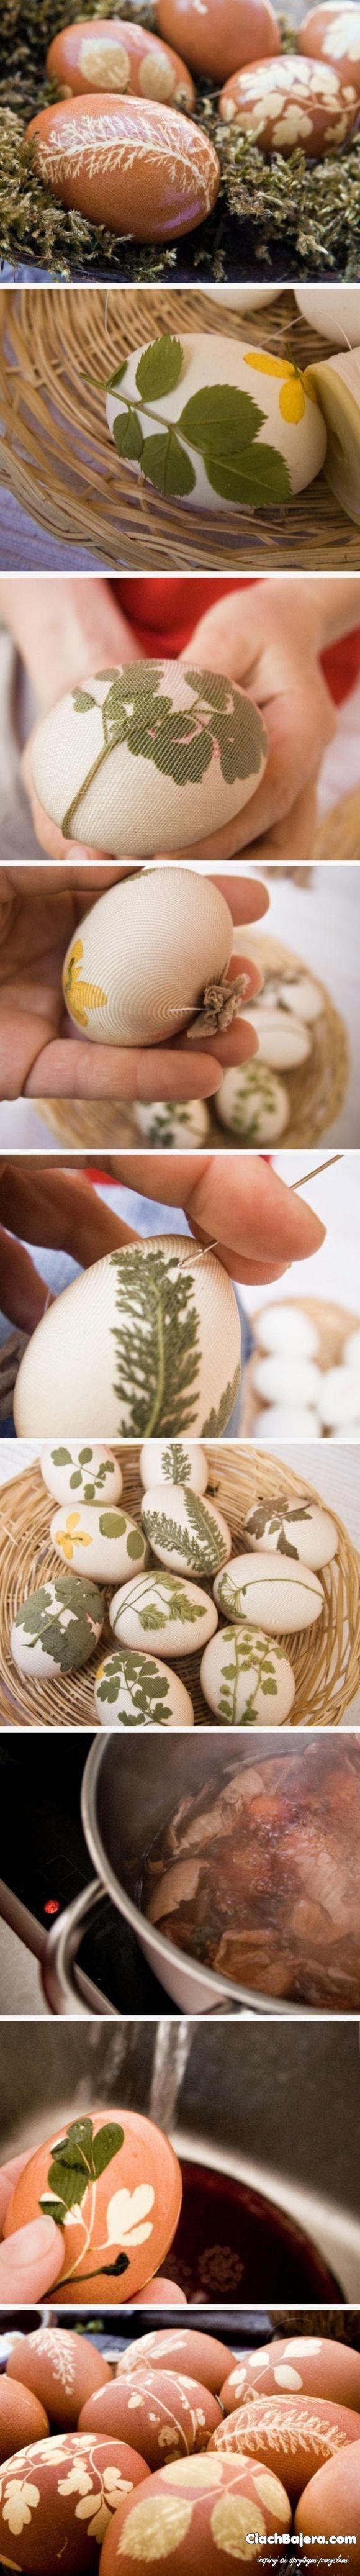 Sposób dekoracji jaj Wielkanocnych